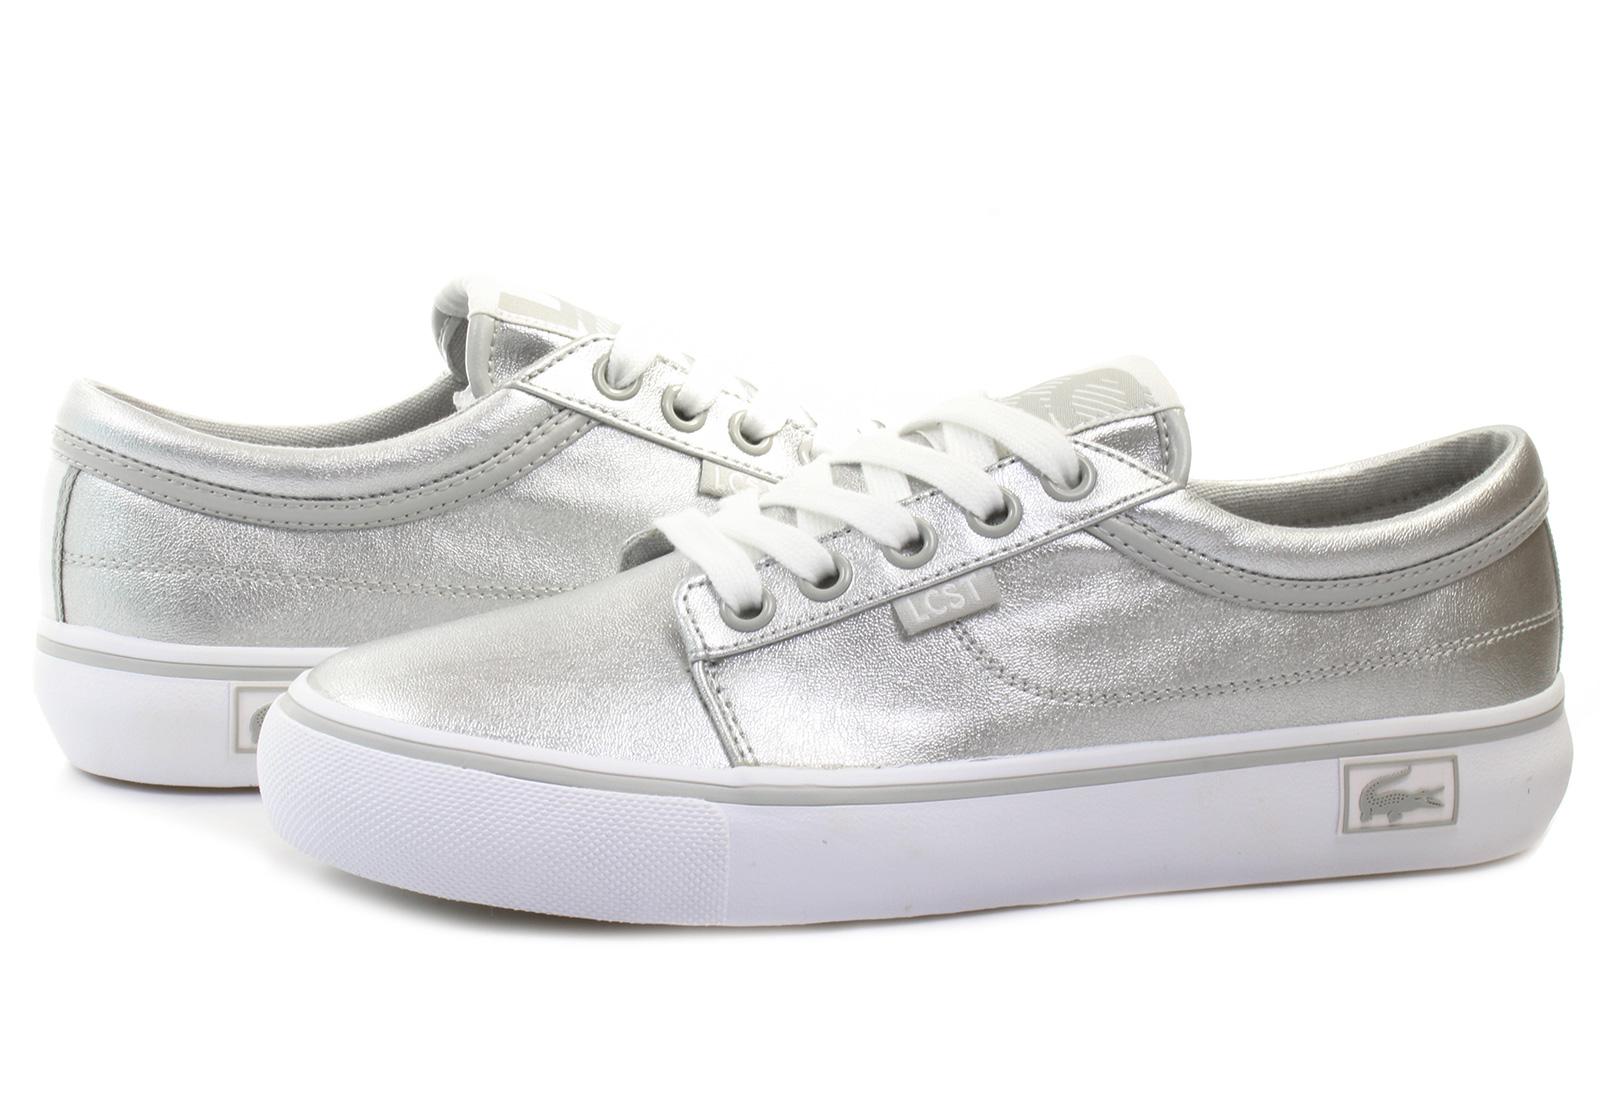 Lacoste Cipő - Vaultstar - 134scw4012-2q5 - Office Shoes Magyarország 25697166fc